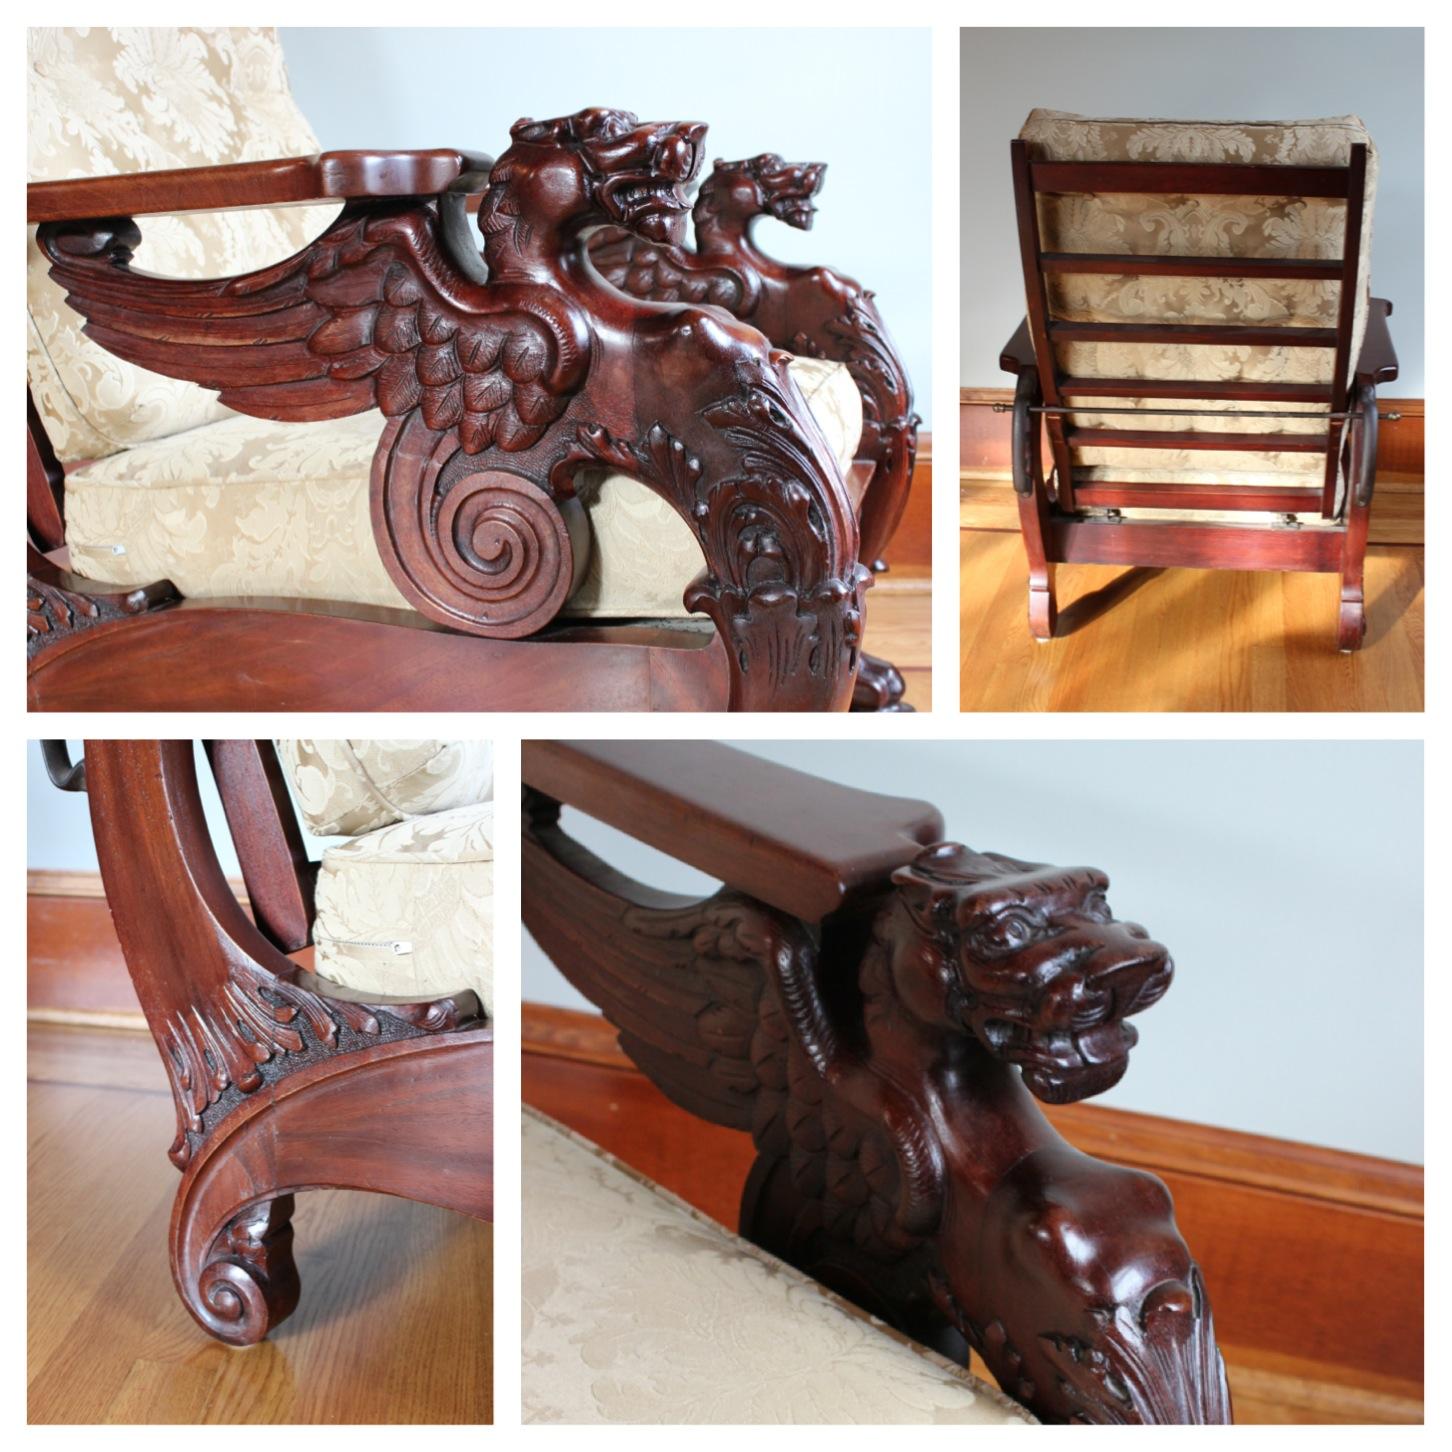 #F3320 Mahogany Morris Chair - F3320 Mahogany Morris Chair Bogart, Bremmer & Bradley Antiques